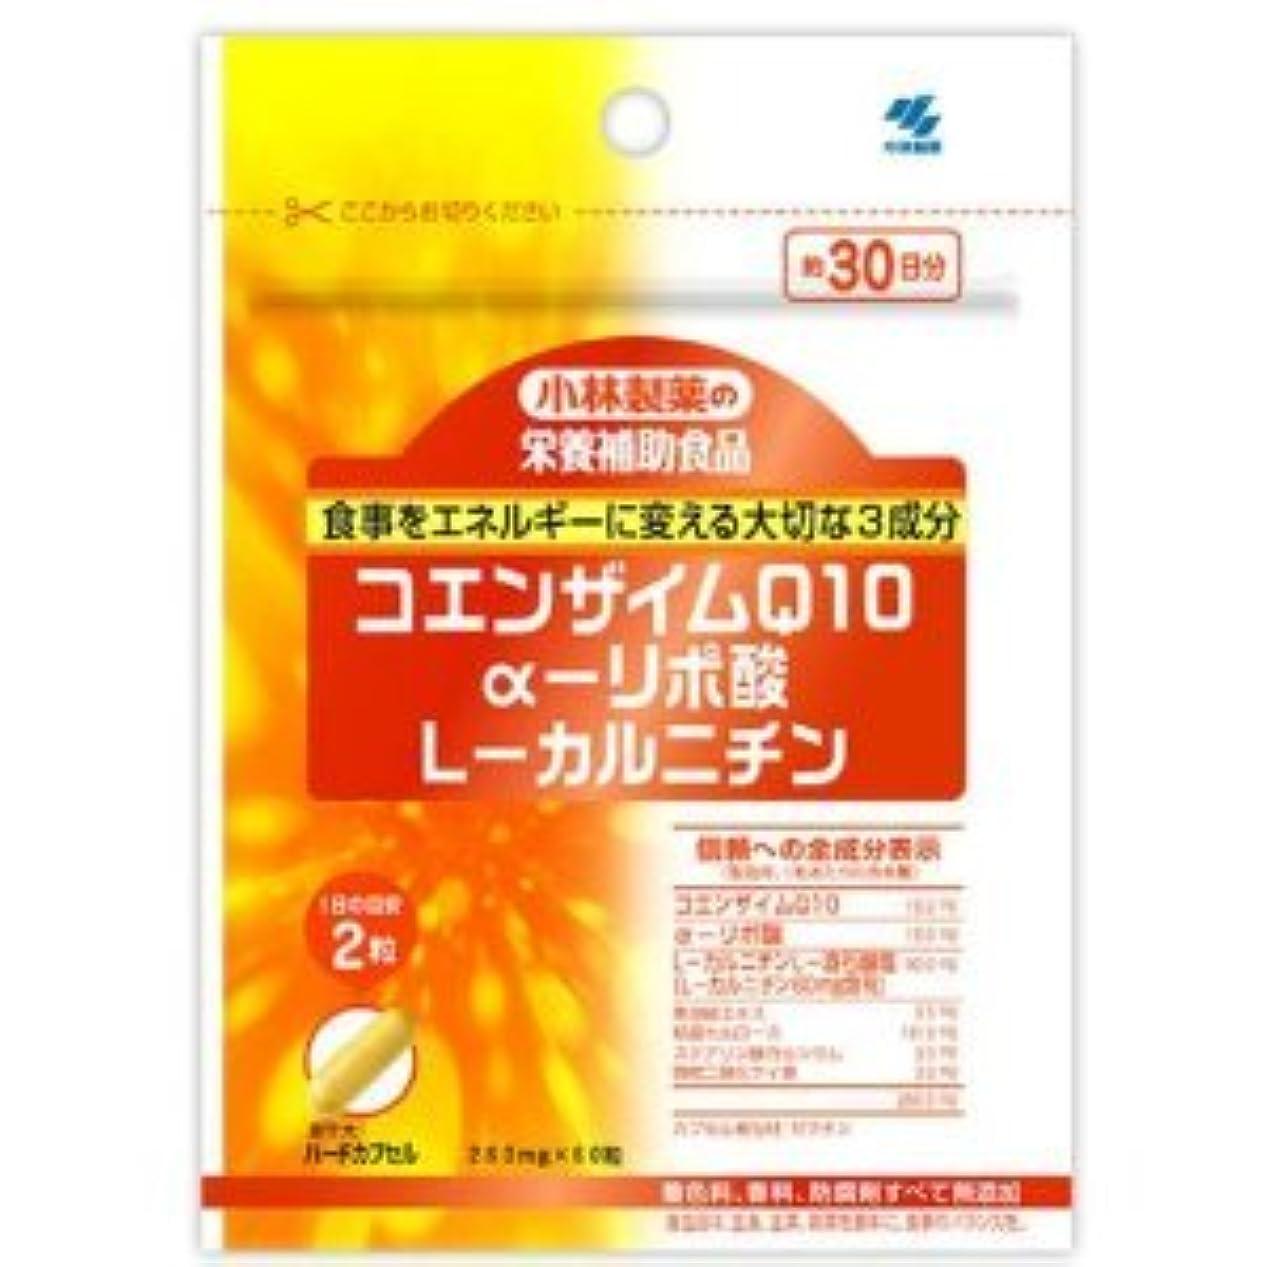 スプーンラダ試してみる小林製薬の栄養補助食品 コエンザイムQ10 αリポ酸 L-カルニチン 60粒 3個セット